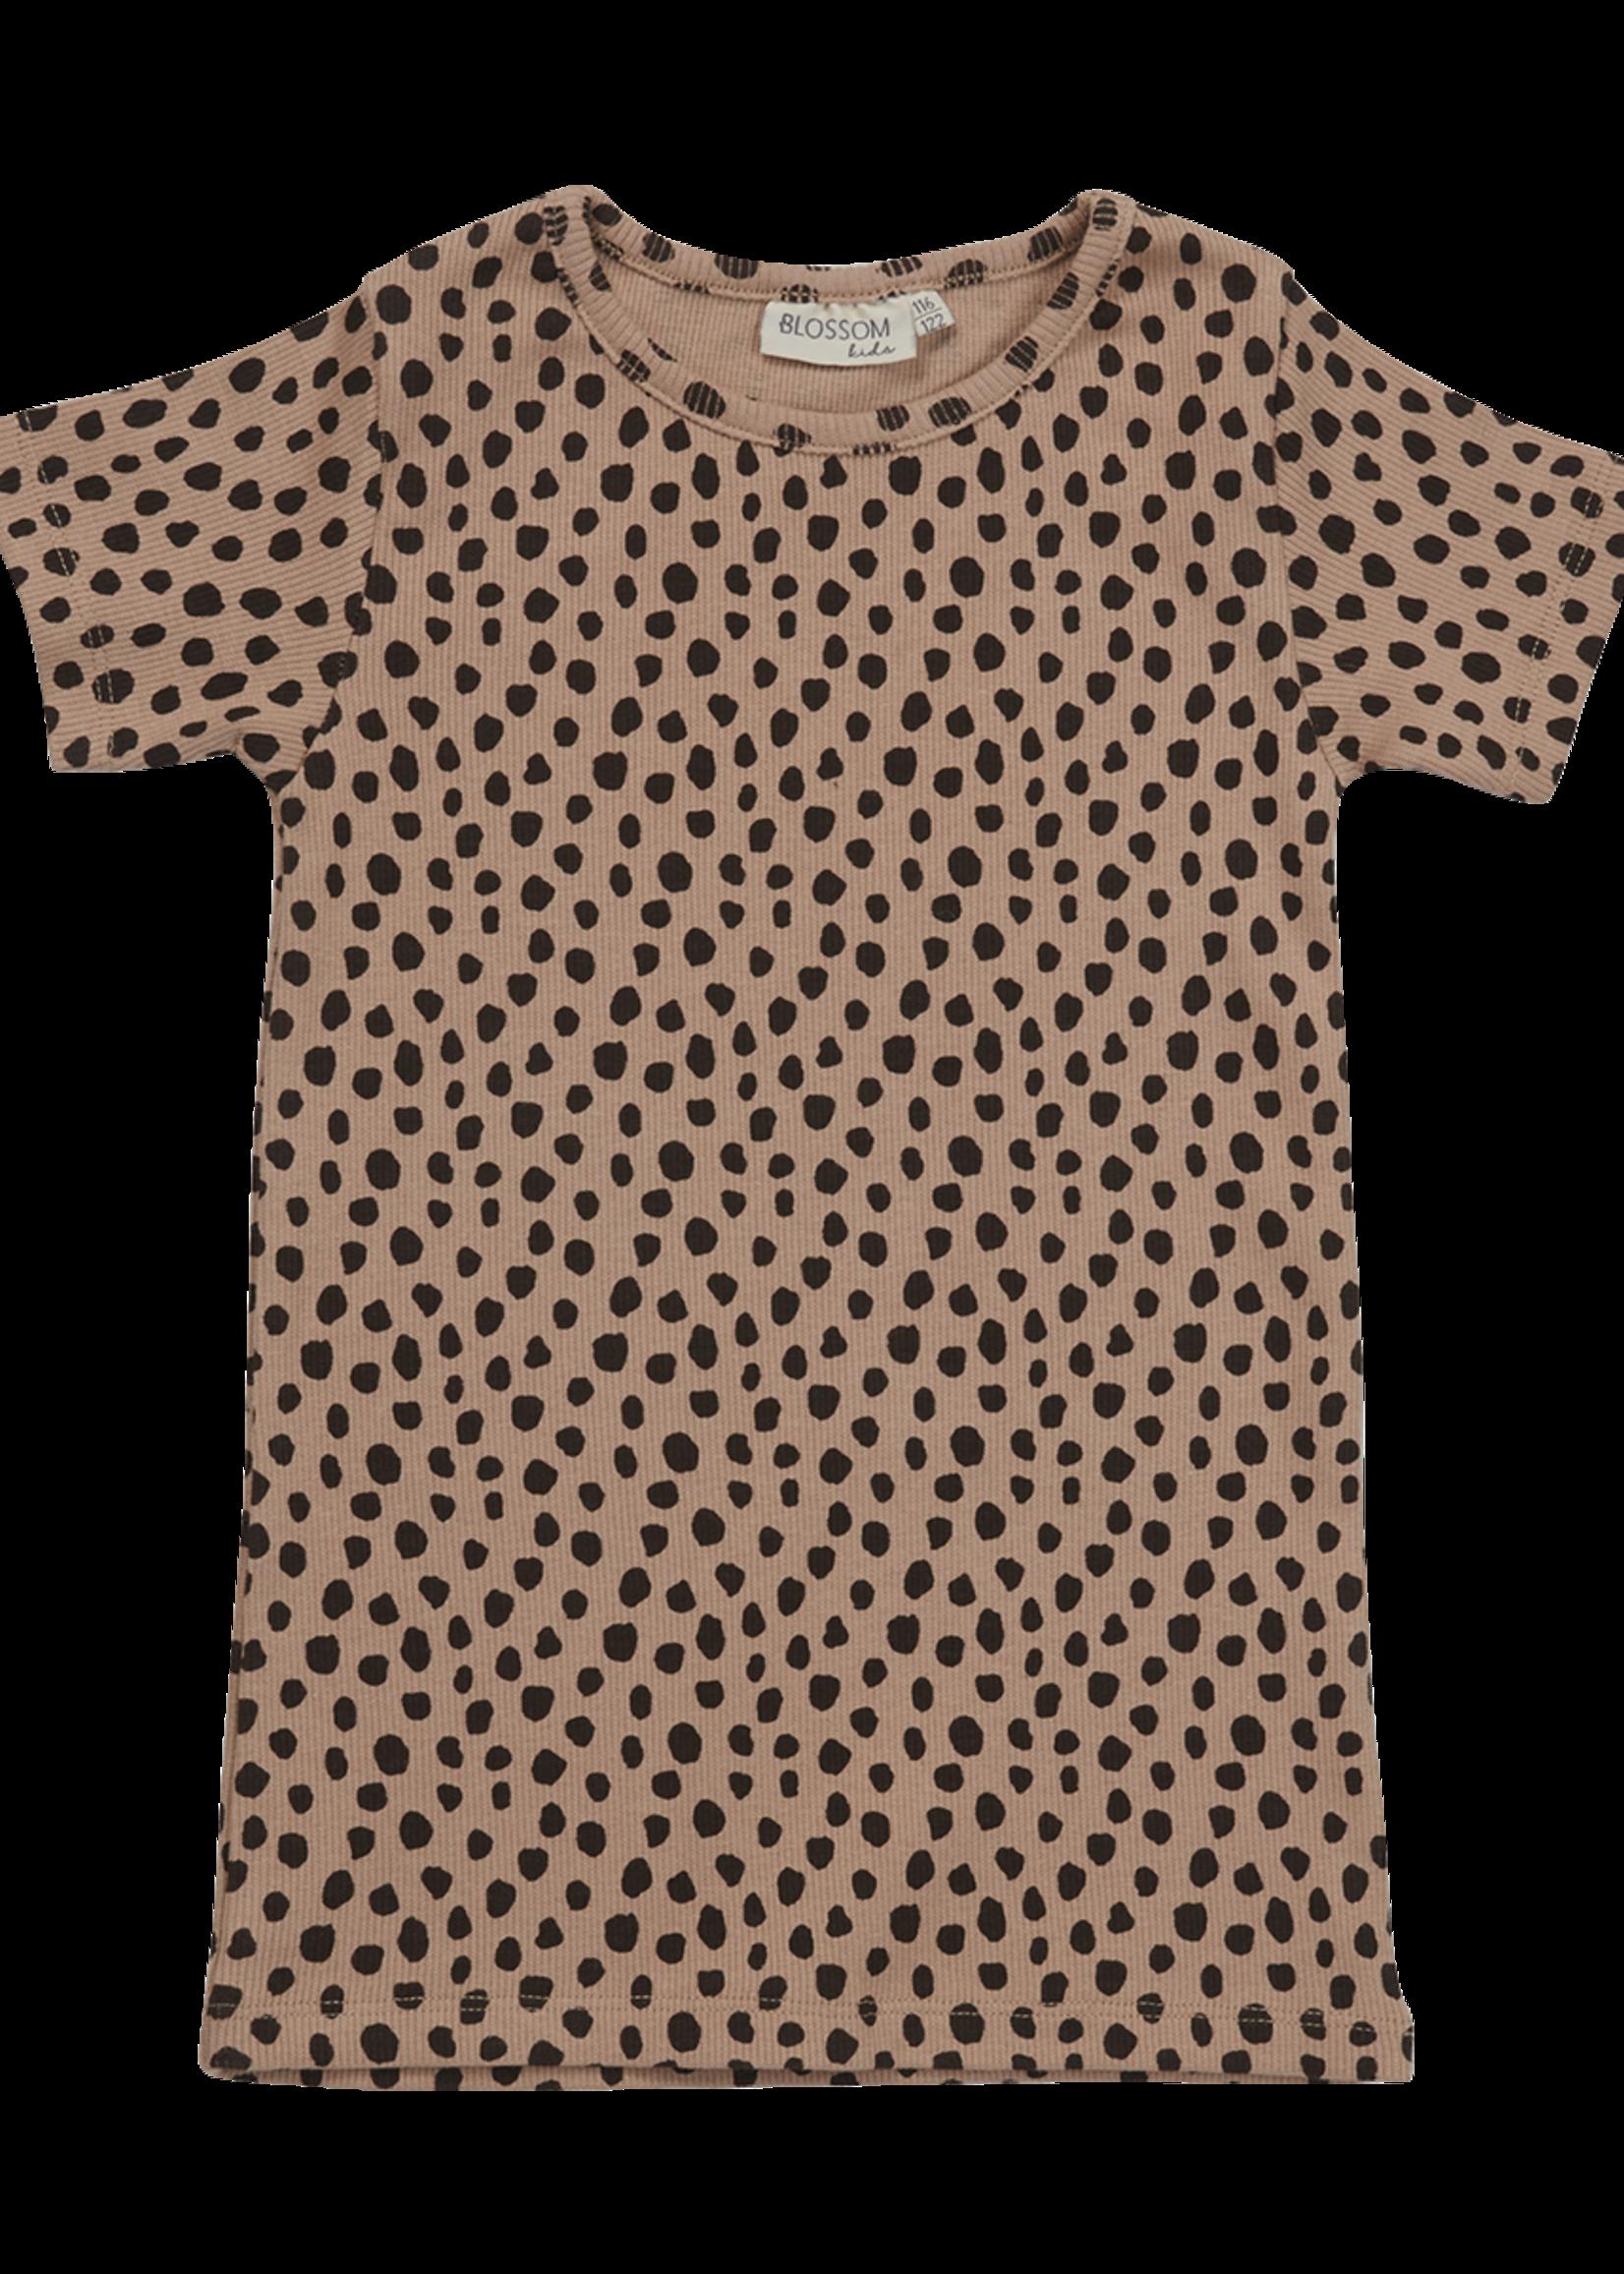 Blossom Kids Short sleeve shirt - Animal Dot - warm sand